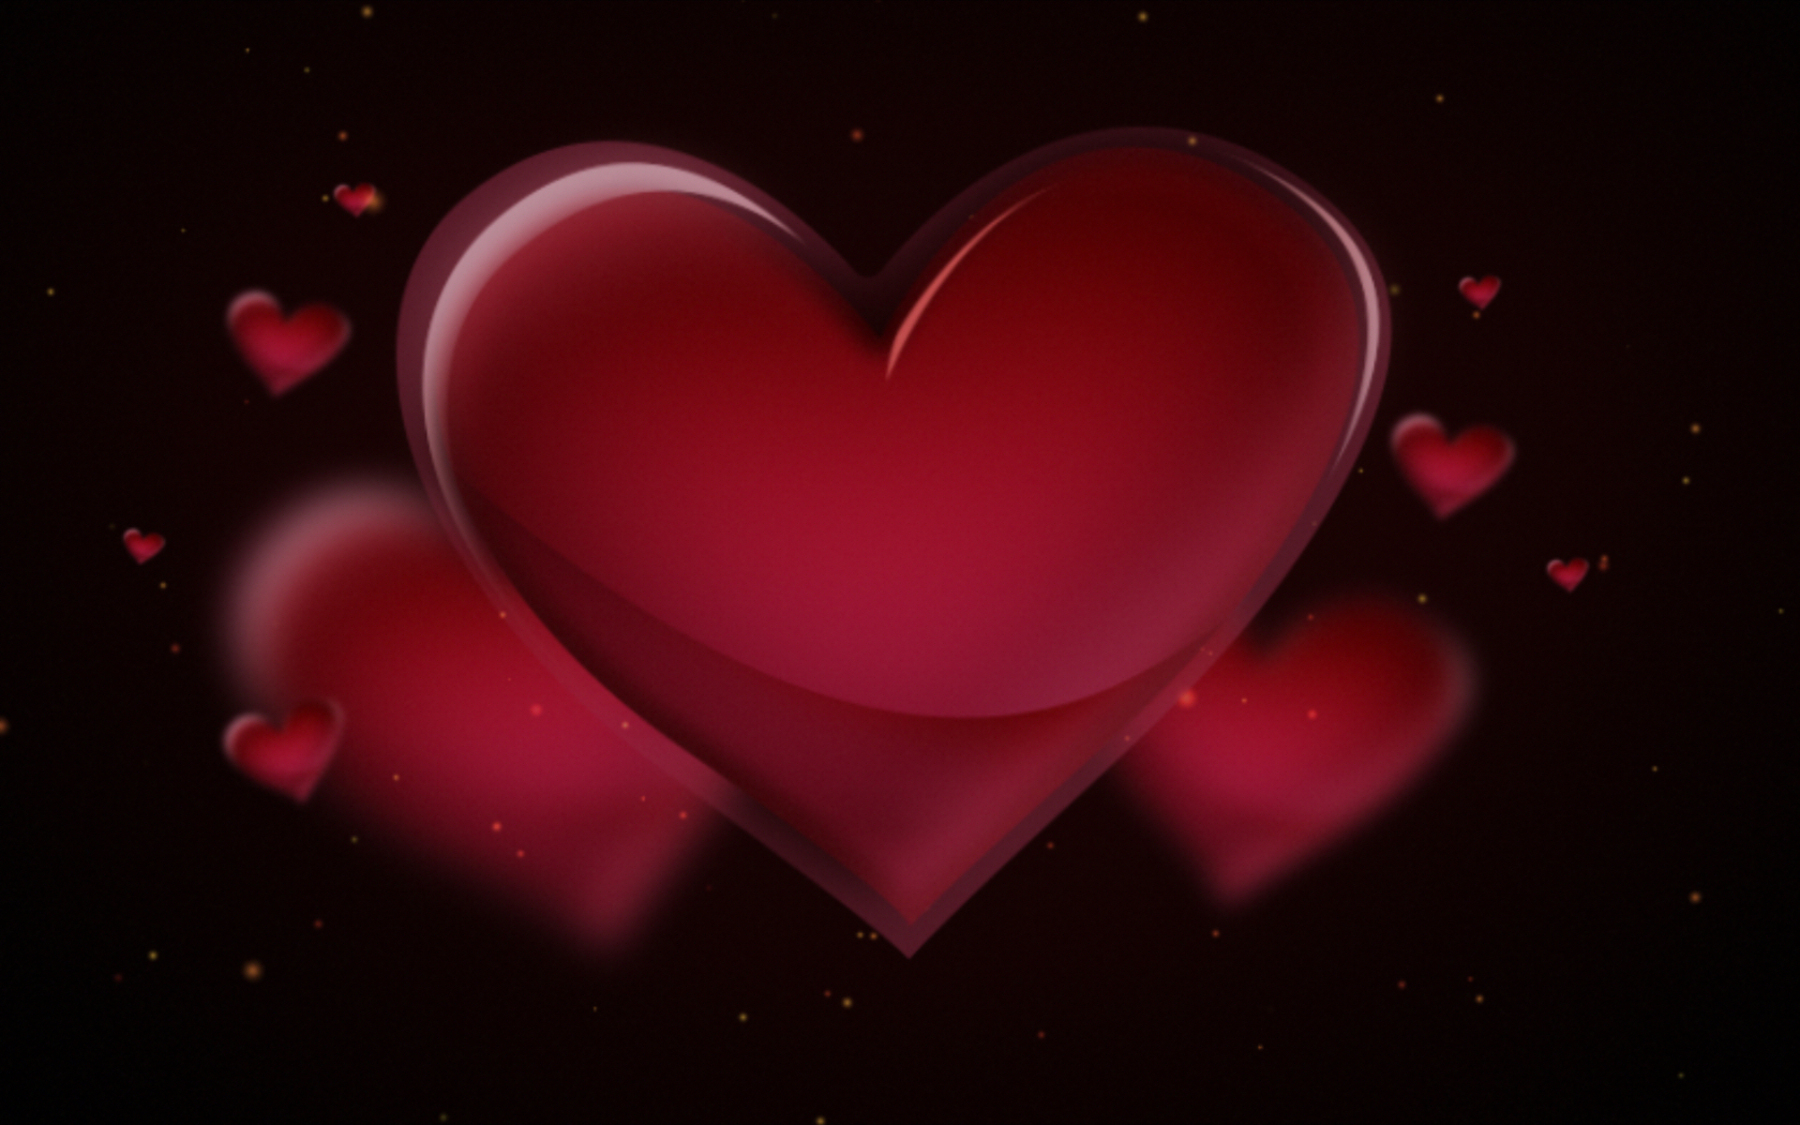 Heart In Love Wallpaper Hd: 3D Heart Wallpaper